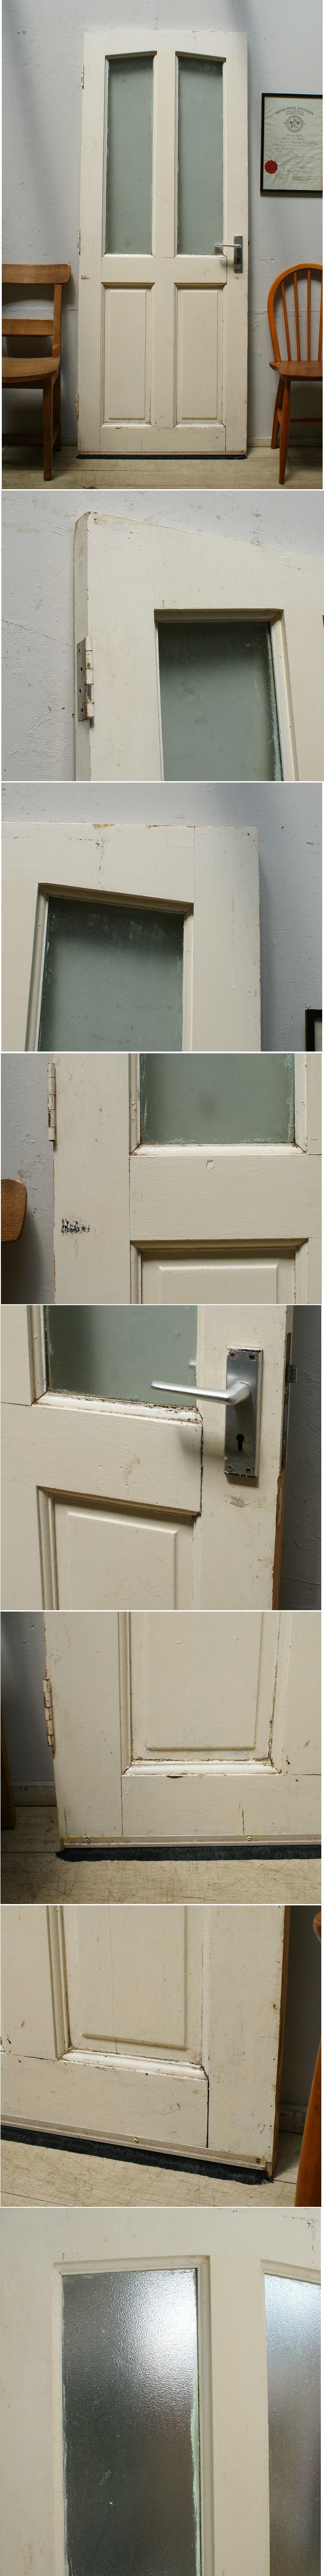 イギリス アンティーク ガラス入り木製ドア 扉 ディスプレイ 建具 6421